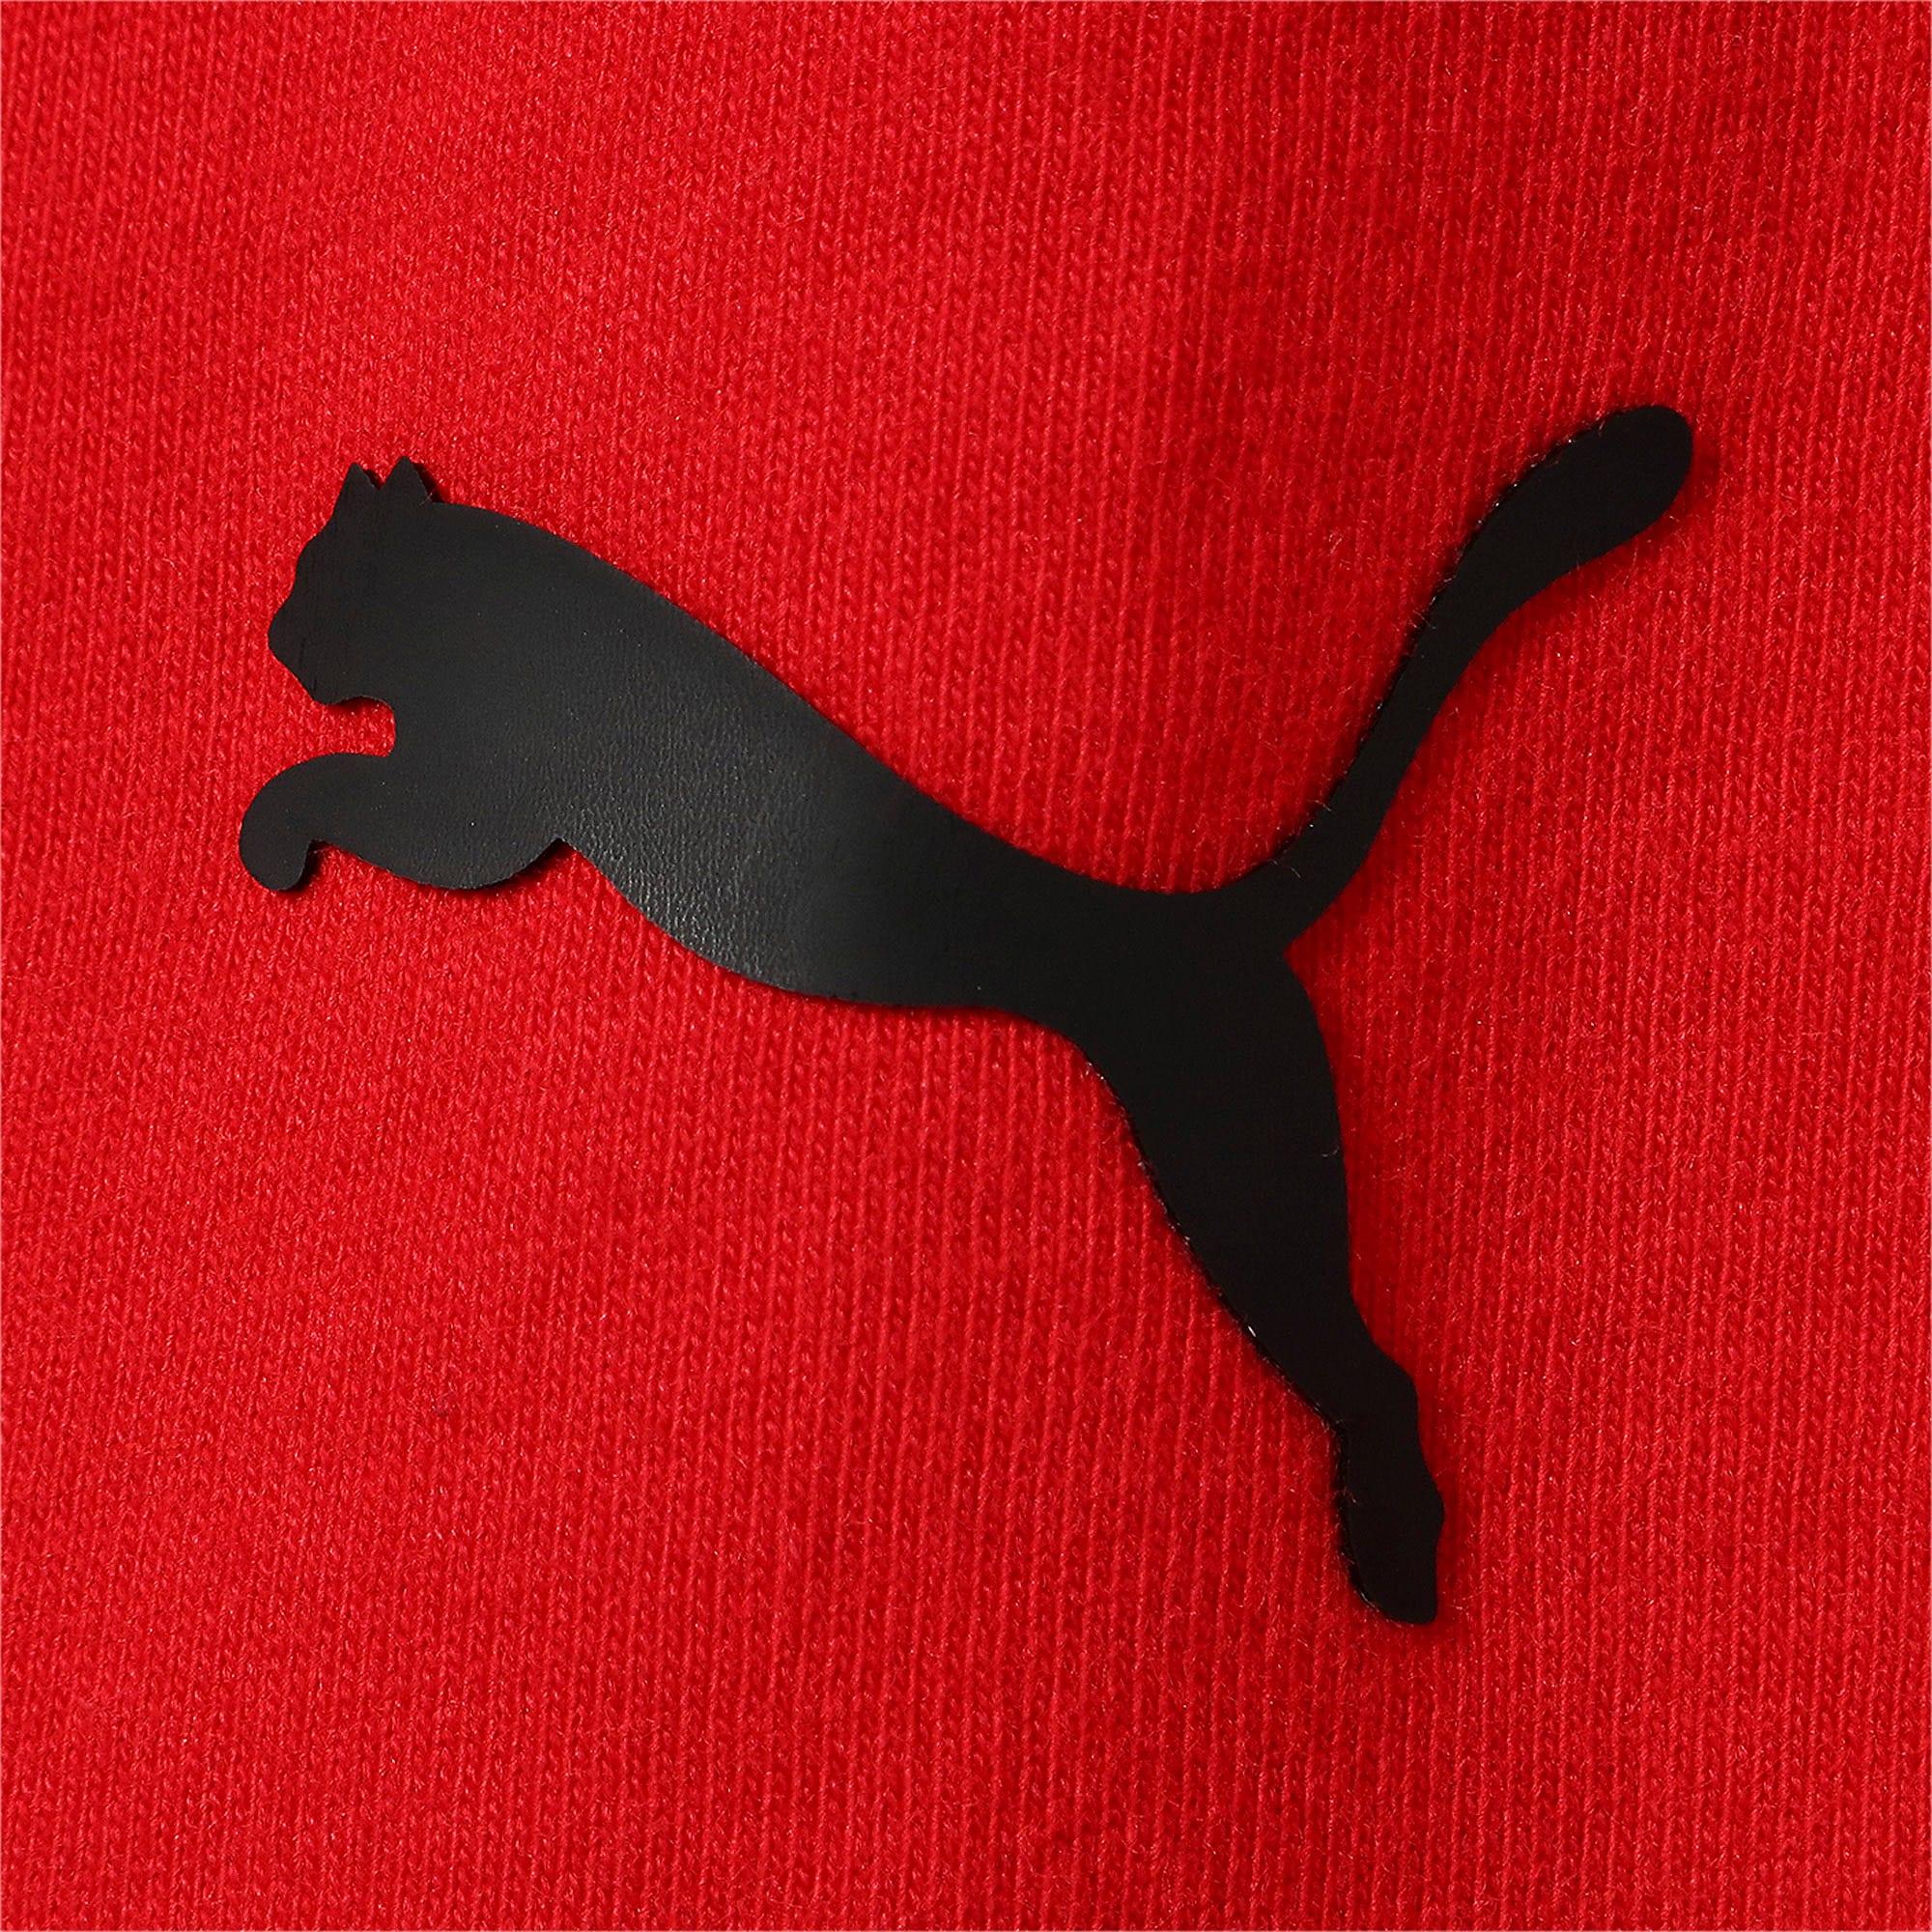 Thumbnail 4 of フェラーリ ビッグシールド Tシャツ + 半袖, Rosso Corsa, medium-JPN